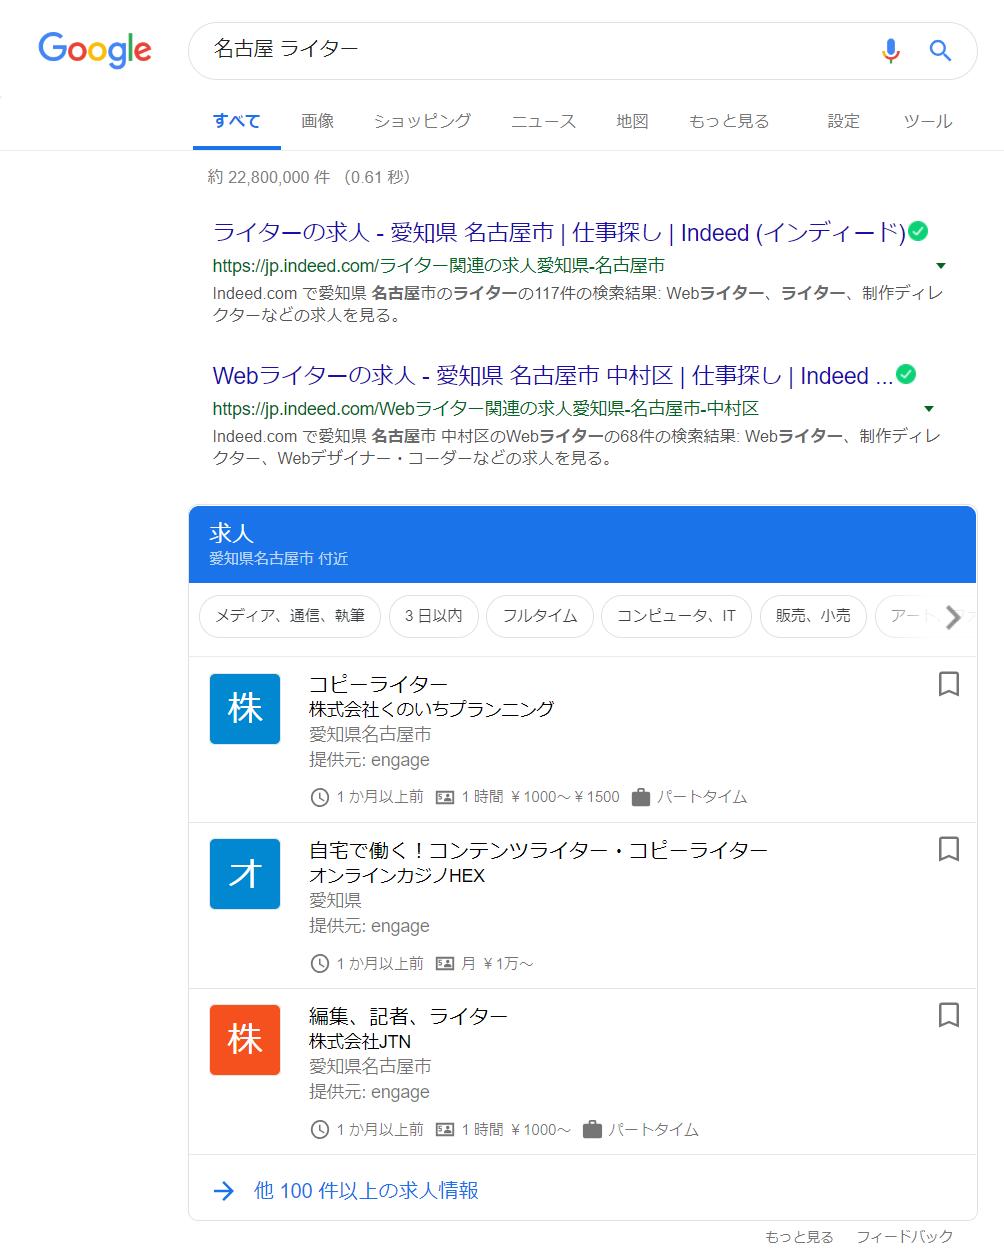 名古屋 ライター 検索結果